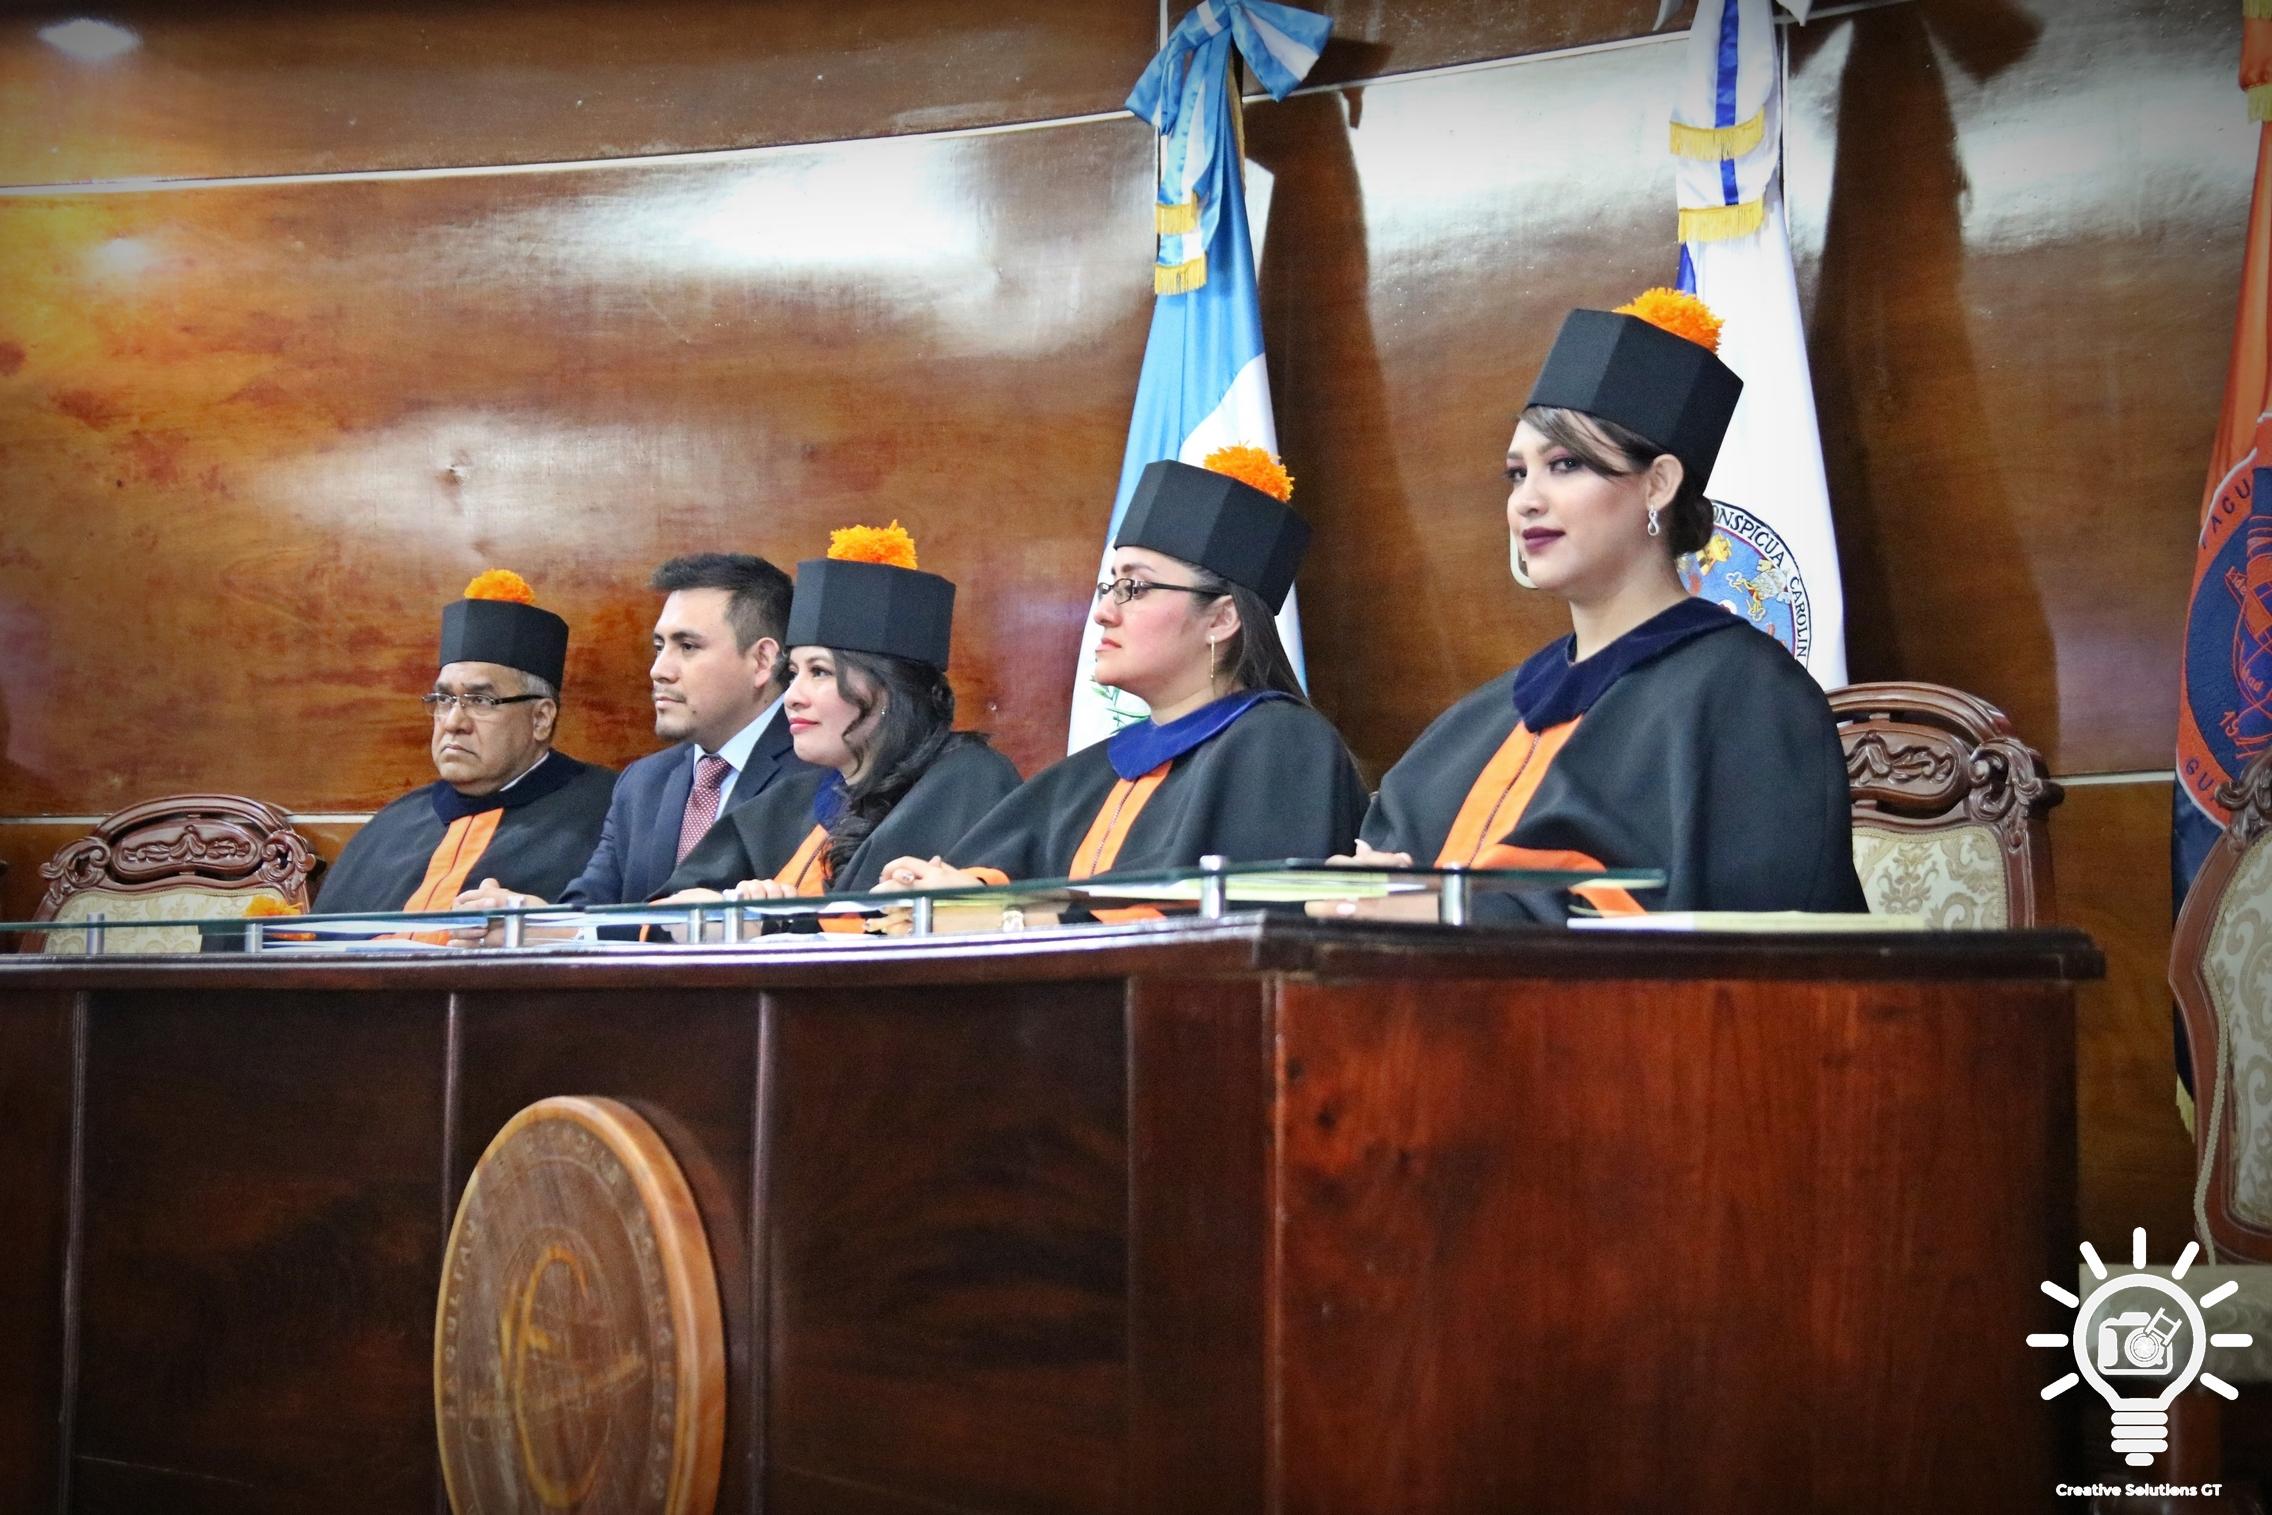 fotografo para graduaciones en guatemala (1)